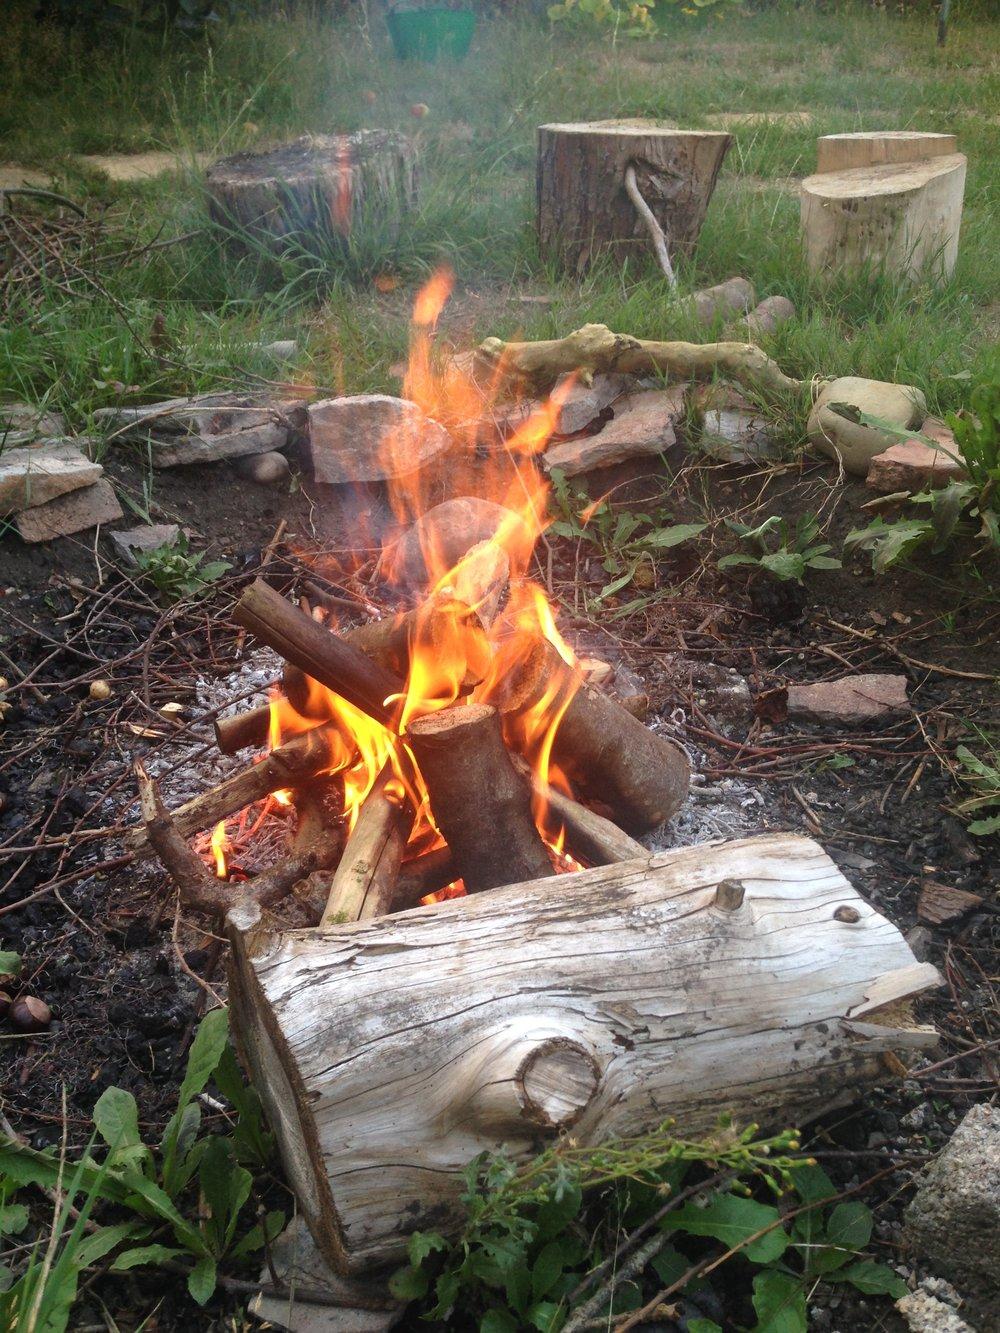 Prachtig, hartverwarmend vuurtje in de tuin van vrienden in Ringwood, Engeland, tijdens de voorbije vakantie.